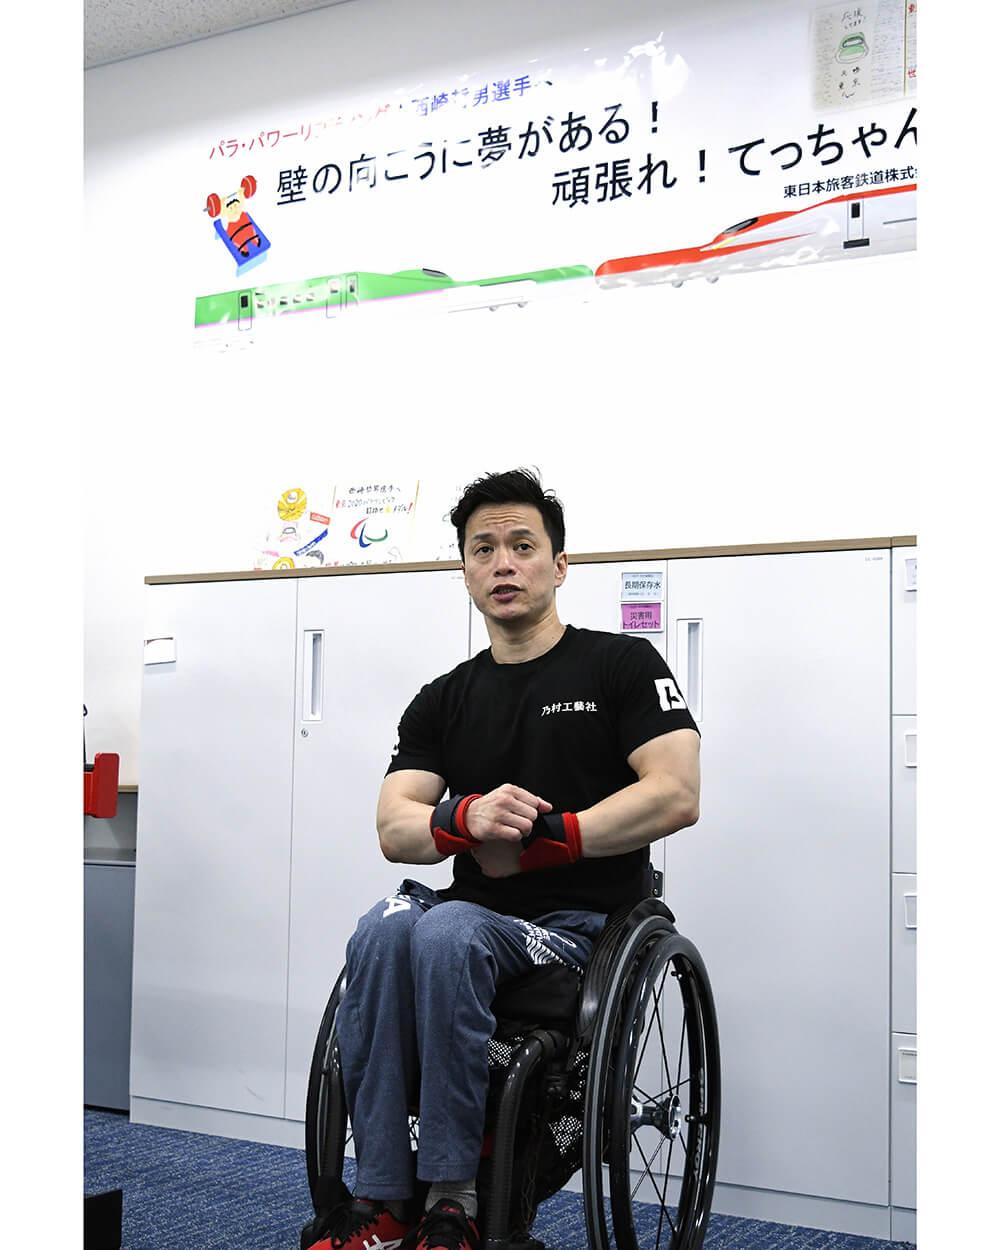 写真:「壁の向こうに夢がある!頑張れ!てっちゃん」と書かれた応援ボードとともに写る西崎哲男選手